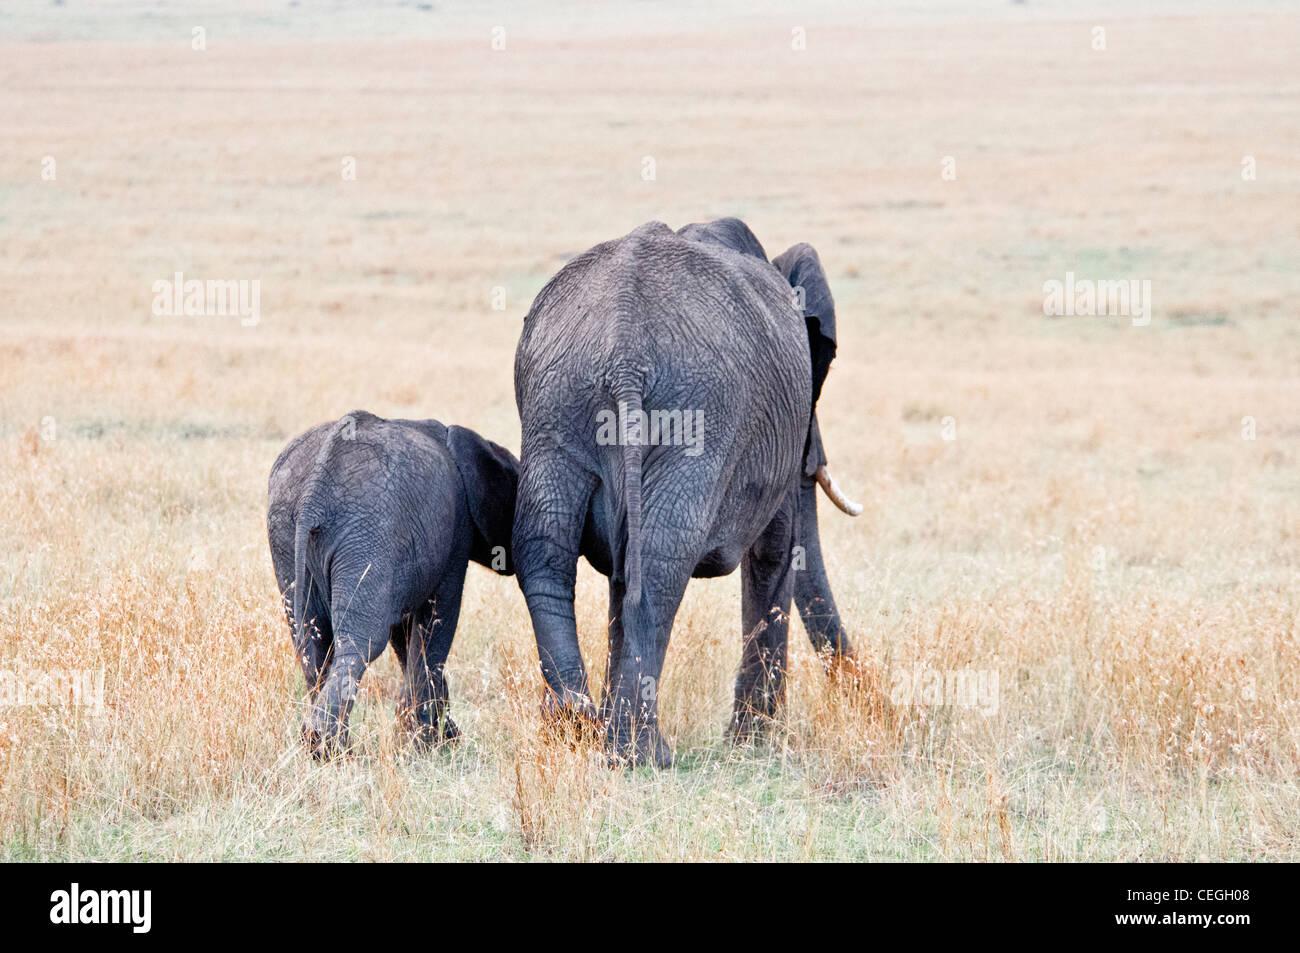 Baby Elefante africano a seguito della sua Madre, Loxodonta africana, il Masai Mara riserva nazionale, Kenya, Africa Immagini Stock